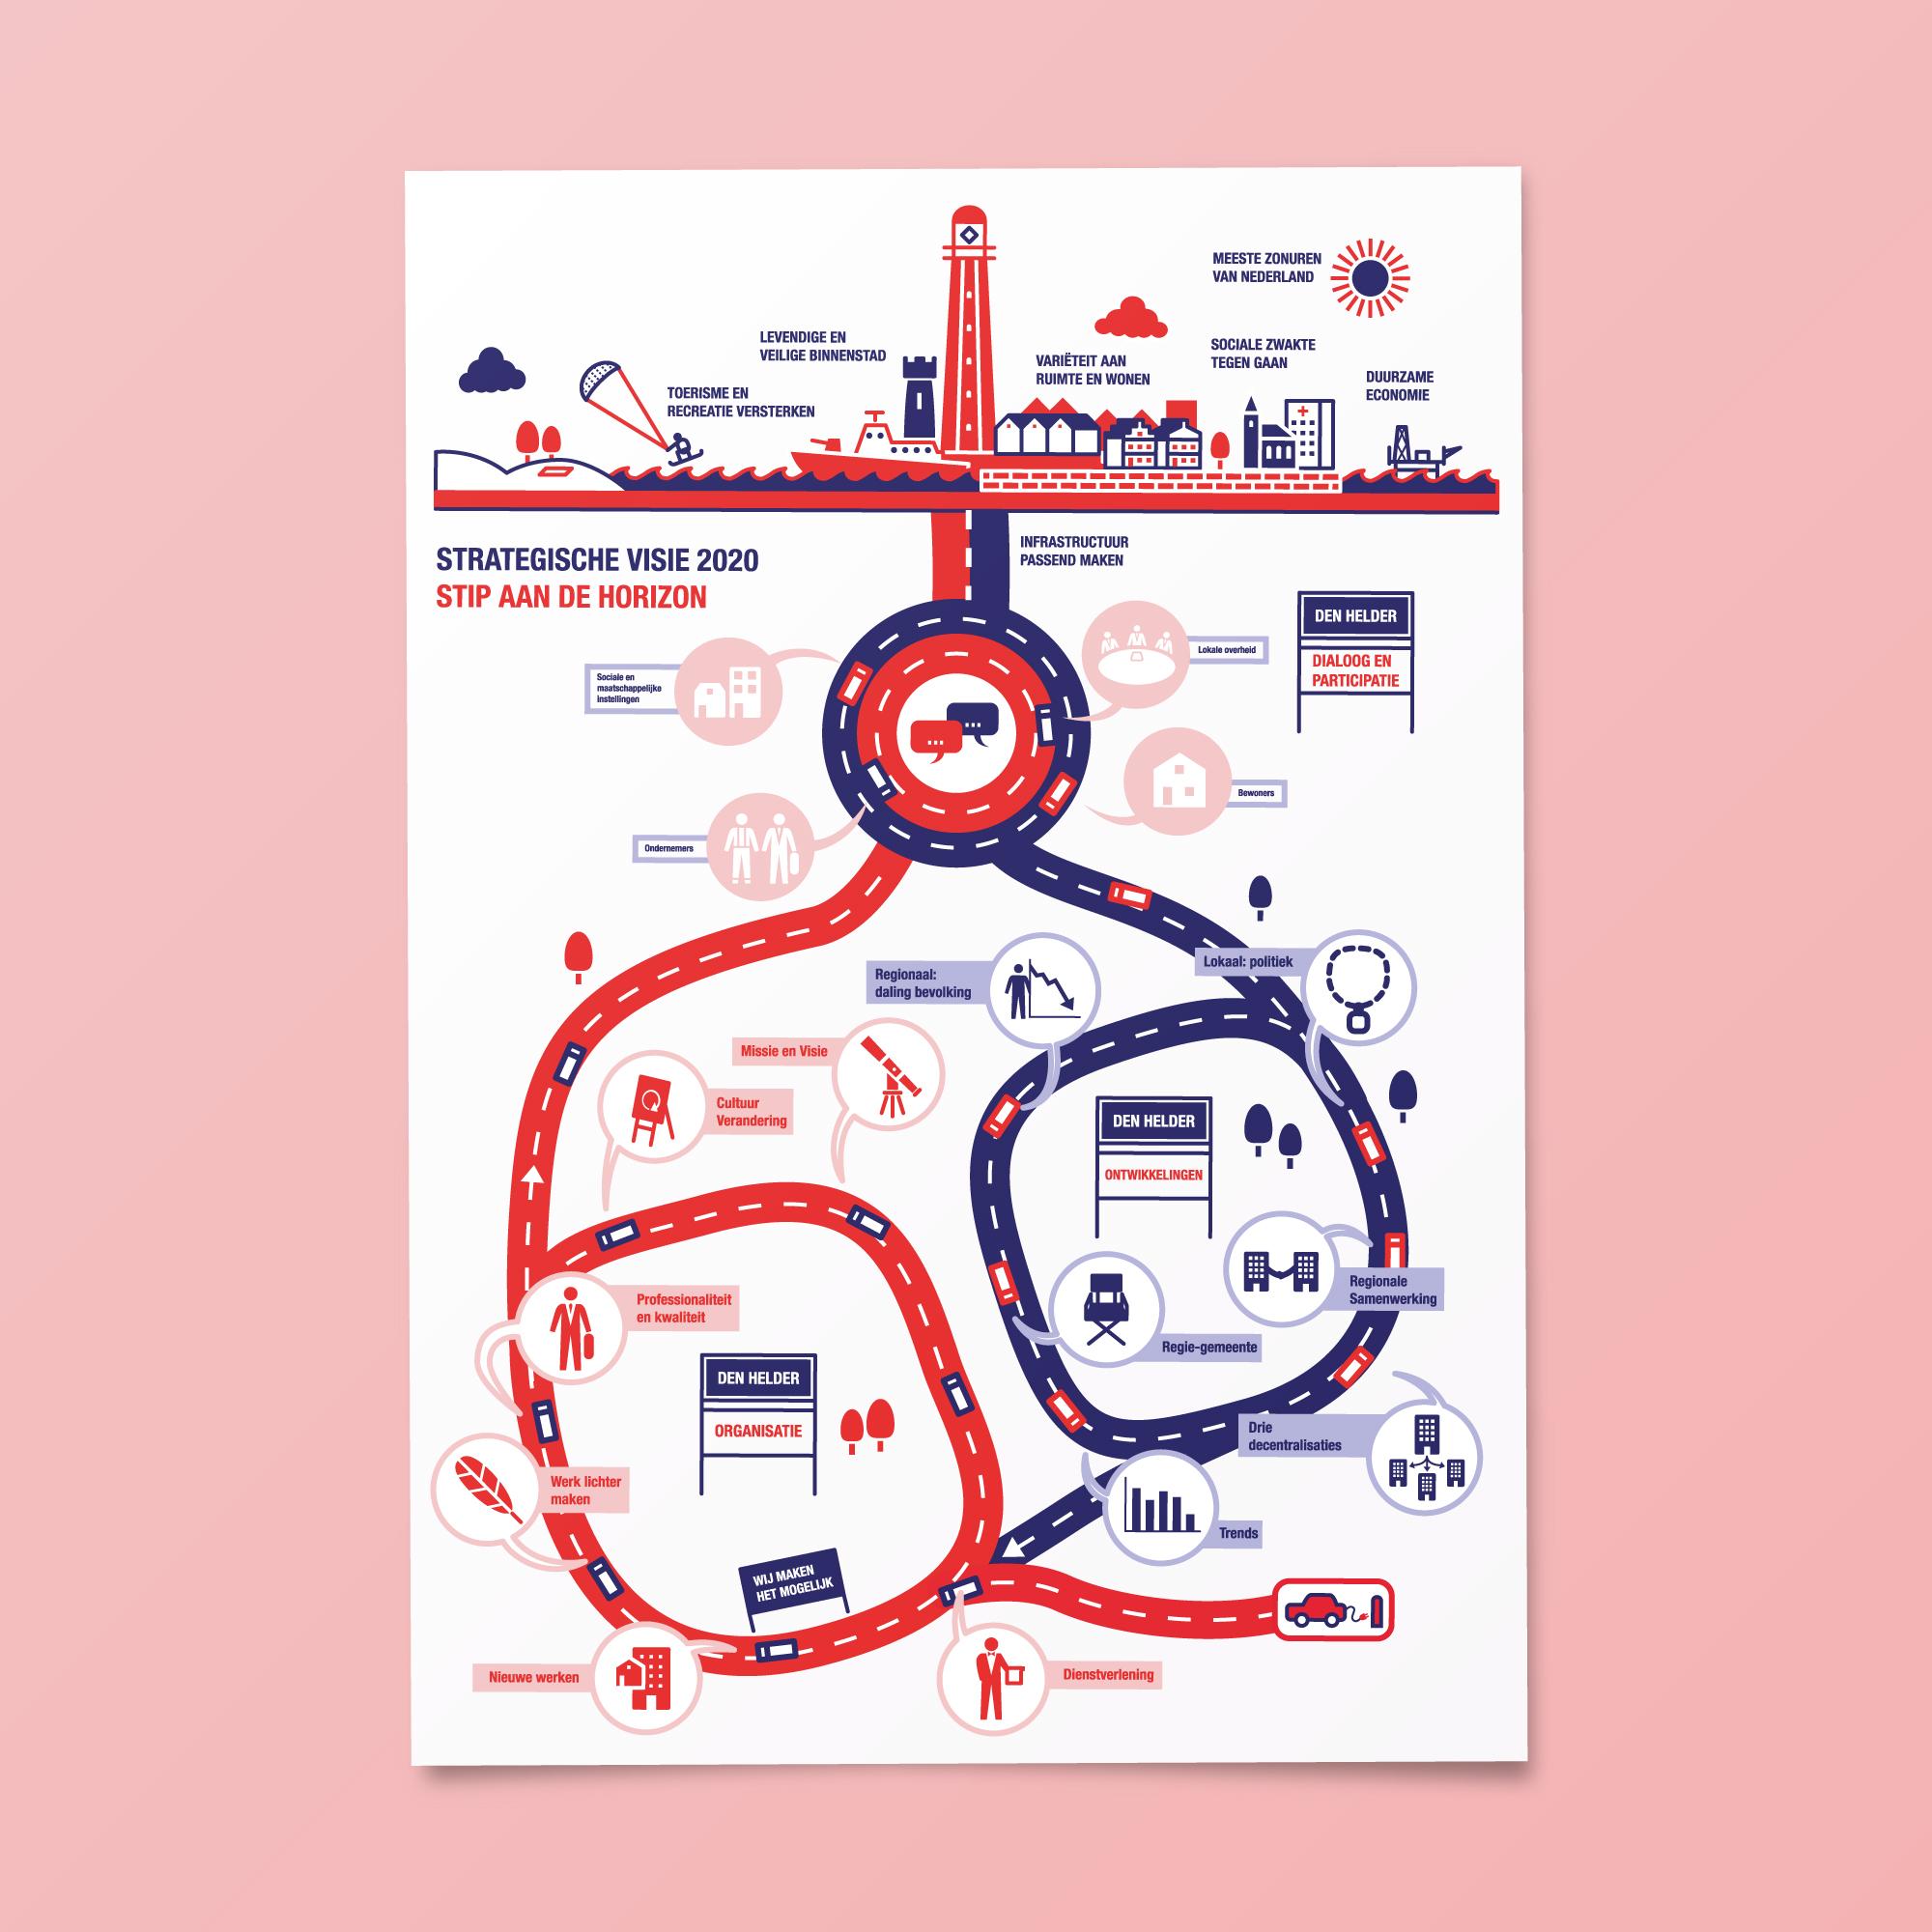 portfolio-dimgray-cc-gemeentedenhelder-strategische-visie-2020